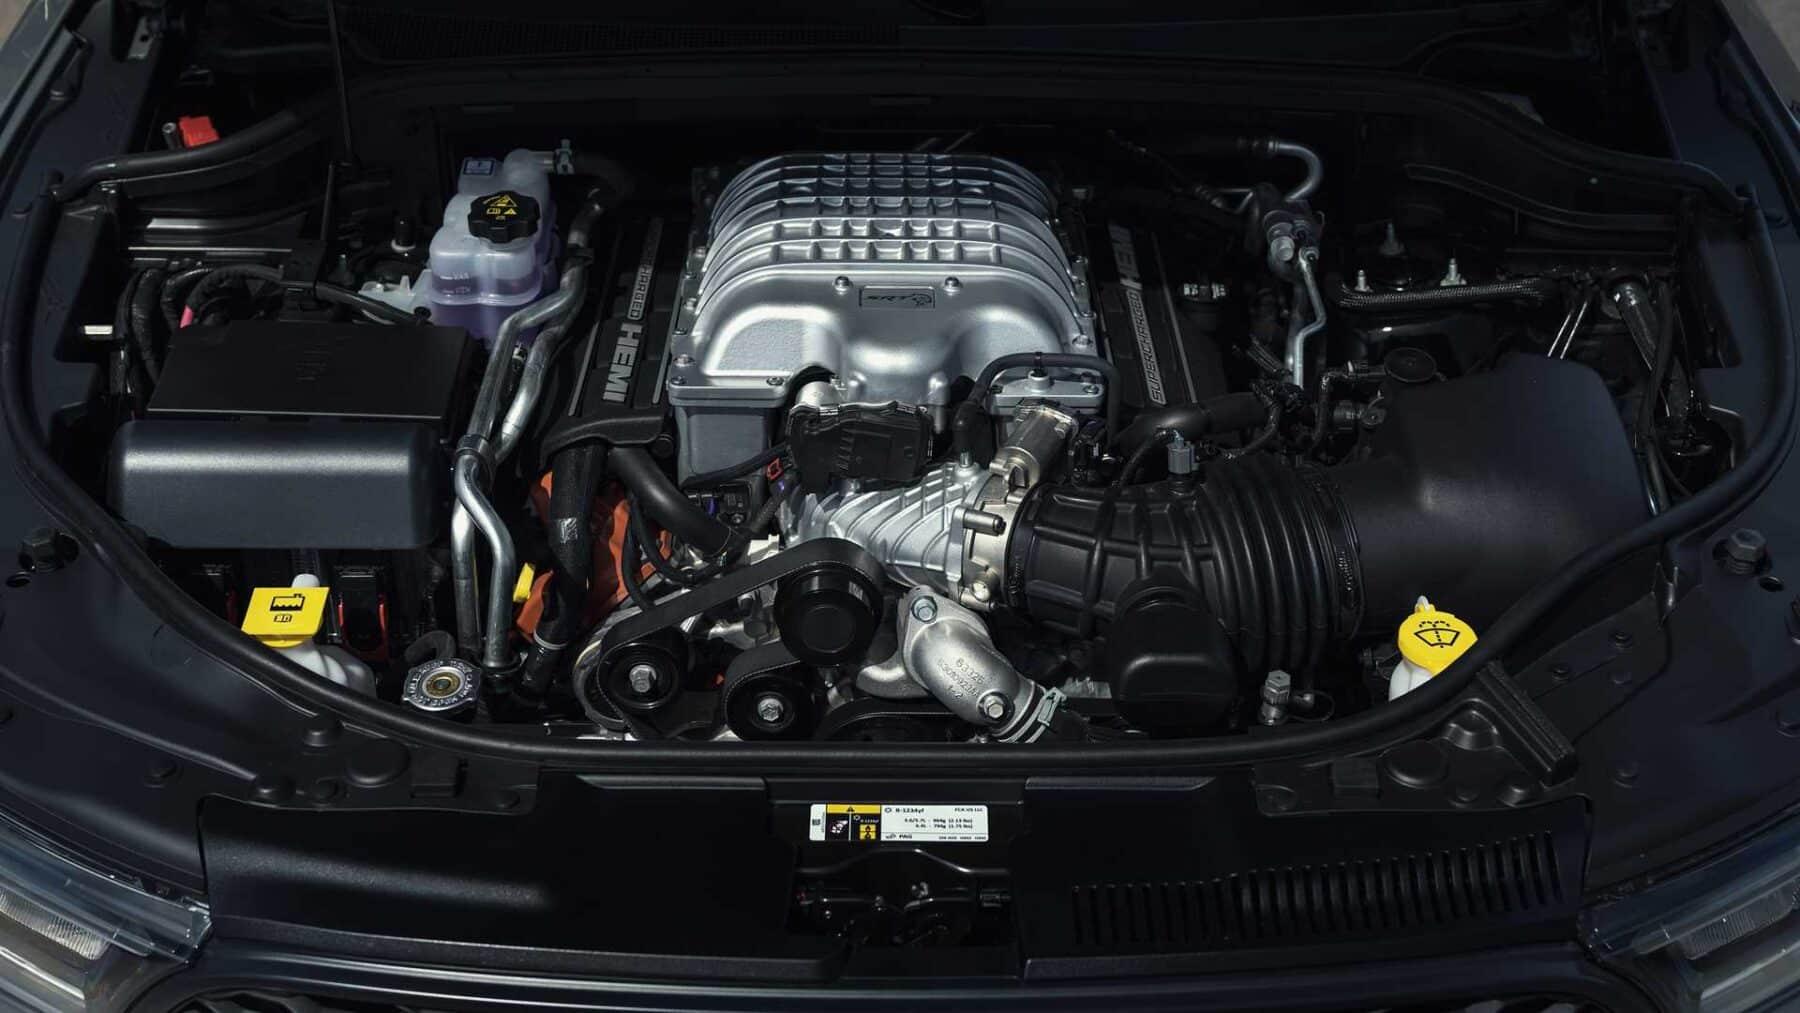 El Dodge Durango Srt Hellcat 2021 Ya Tiene Precio Ni 100 Cv Para Tener El Suv Mas Potente Del Mundo